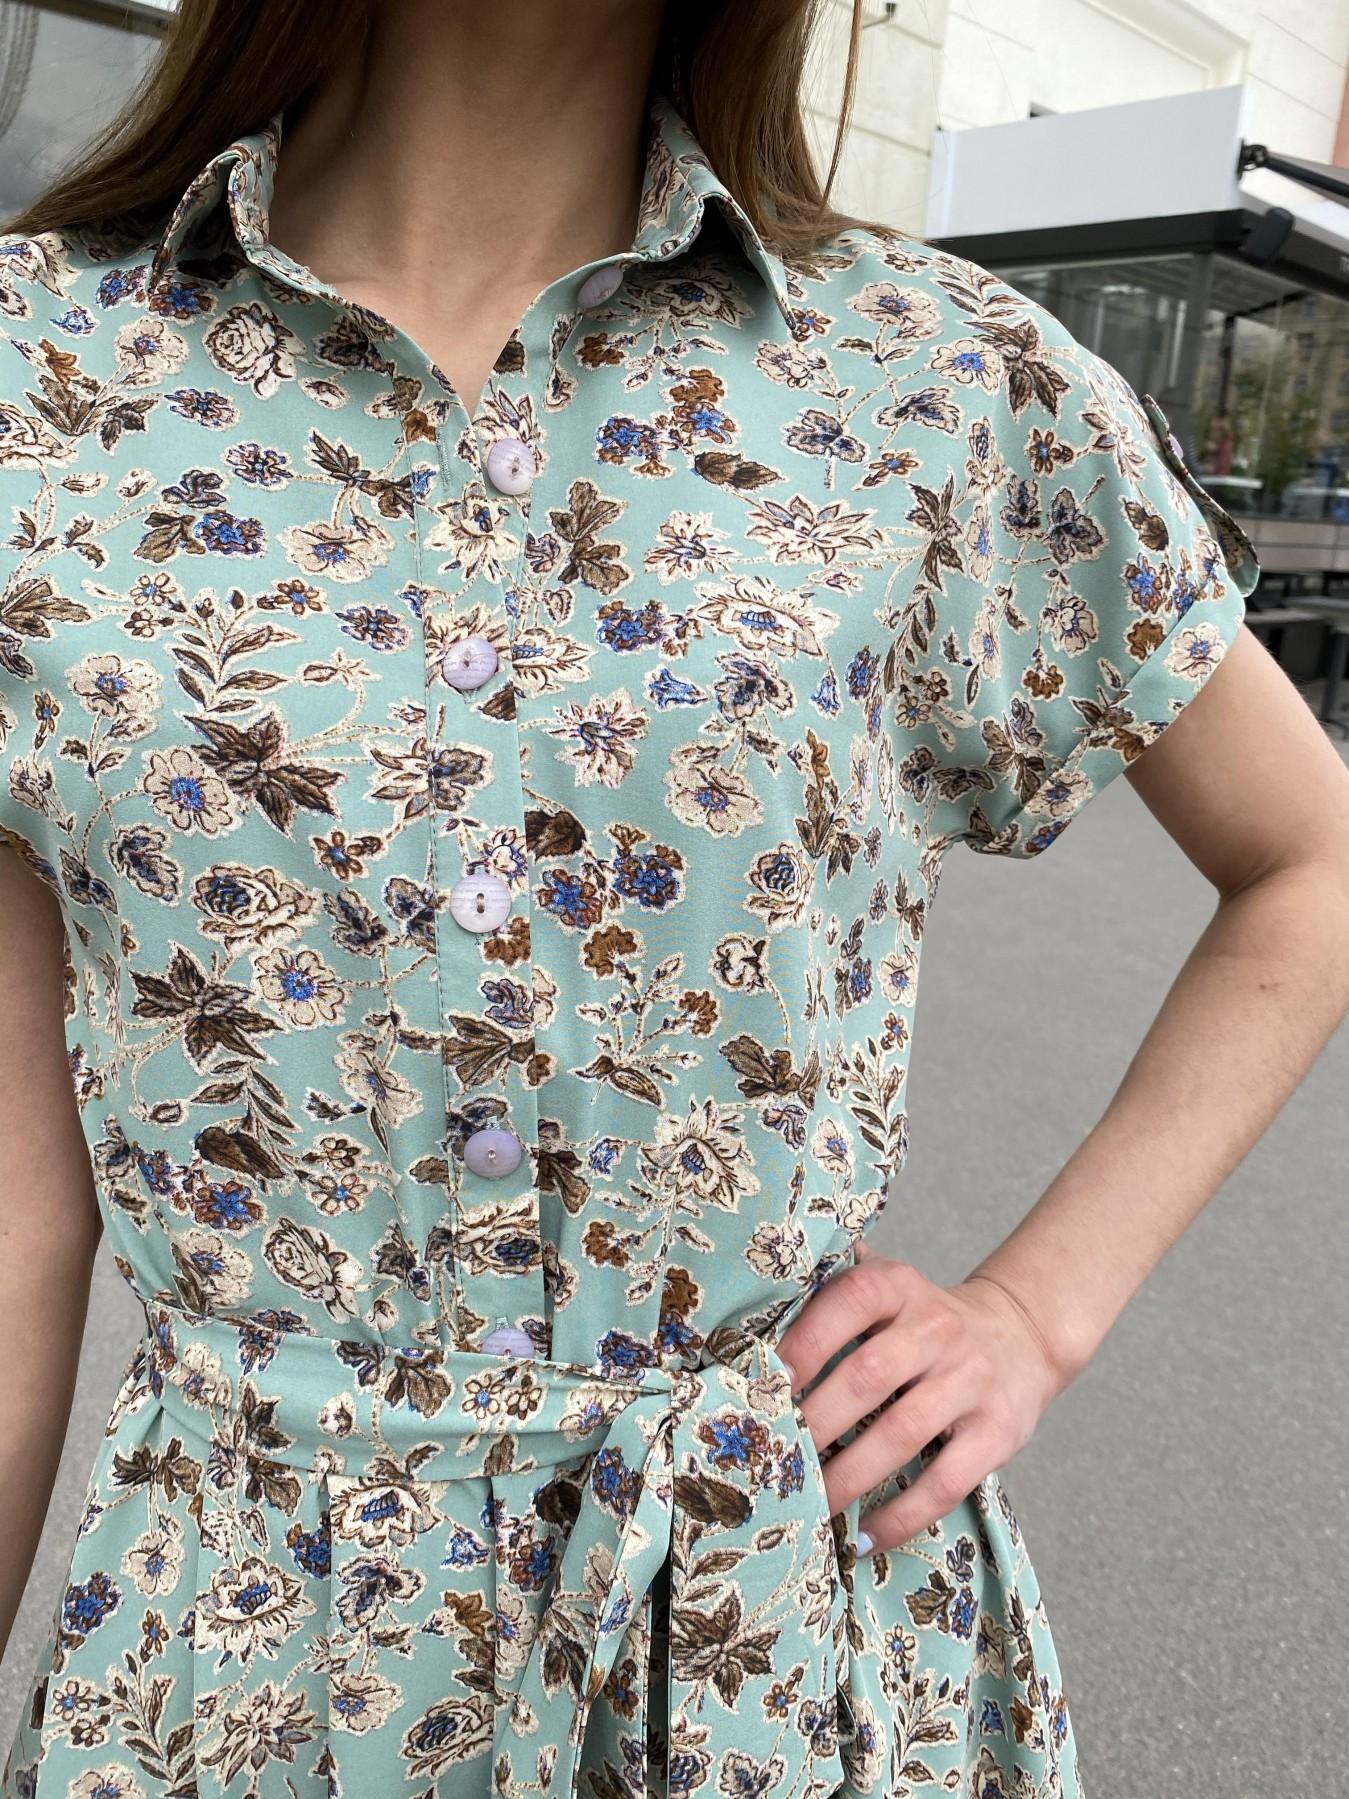 Санжар платье из ткани софт в принт 11215 АРТ. 47727 Цвет: Олива/бежевый, Цветы - фото 5, интернет магазин tm-modus.ru